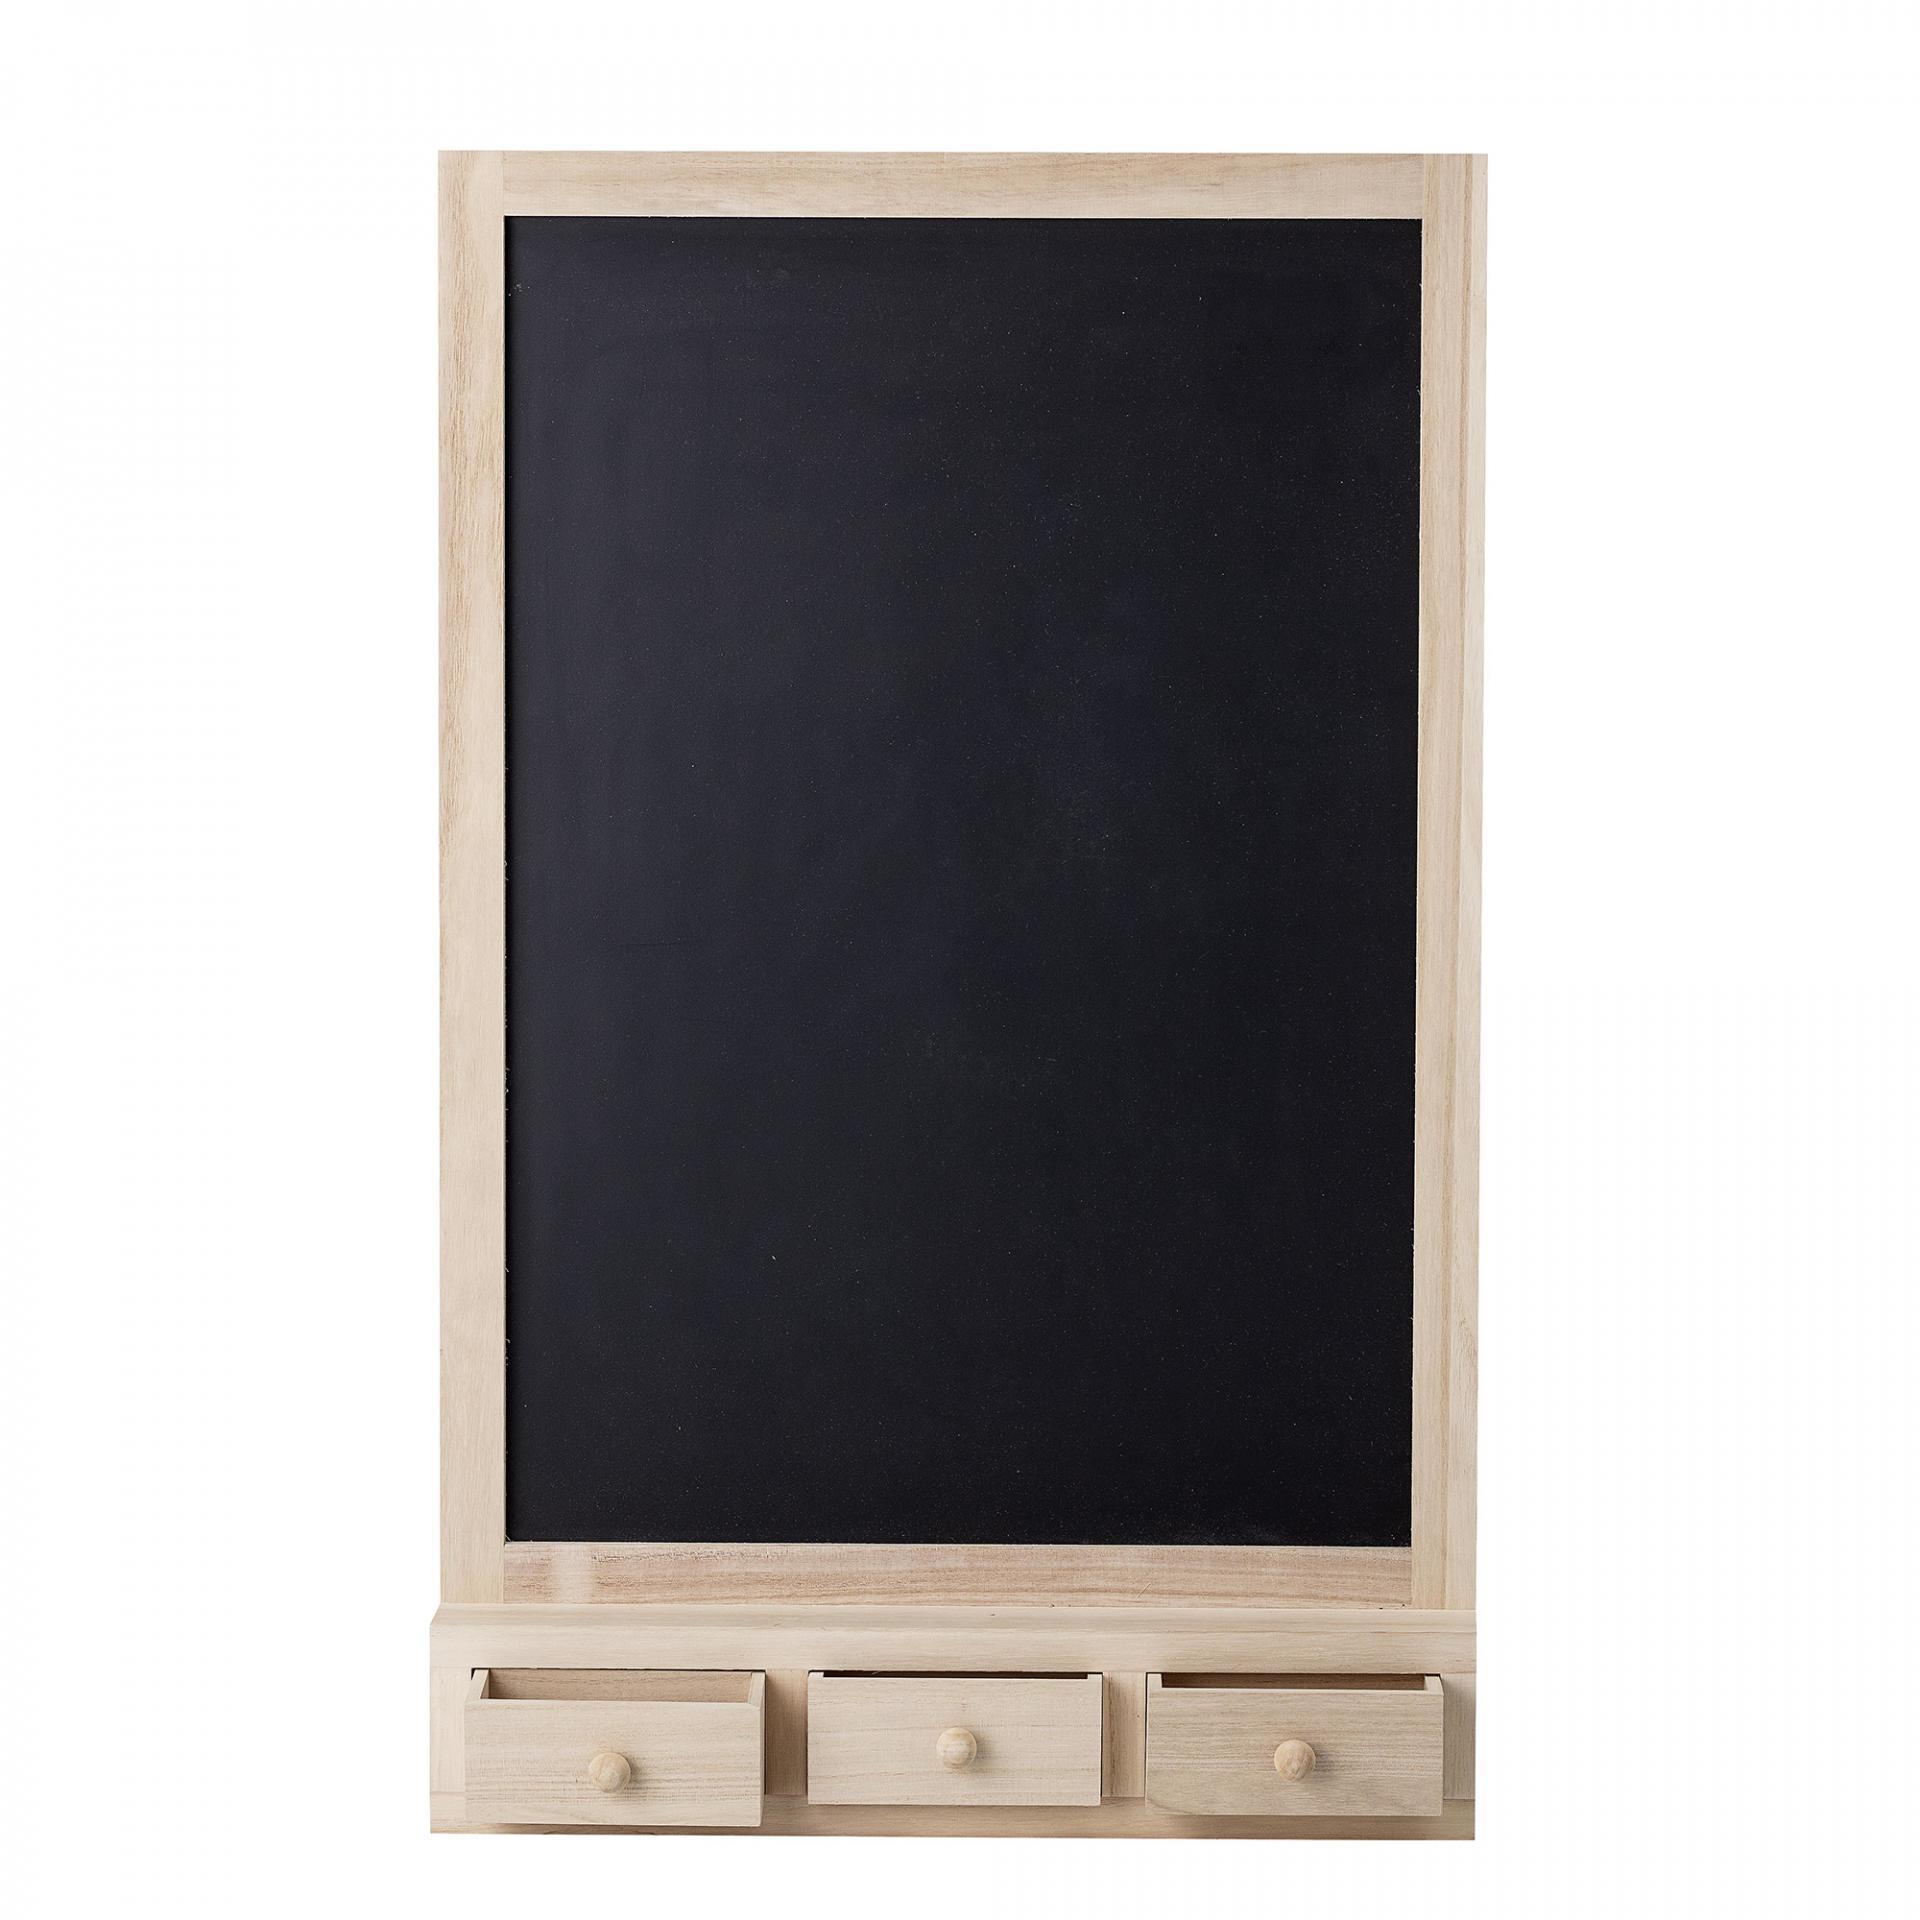 Bloomingville Dětská černá tabule Paulownia, černá barva, přírodní barva, dřevo